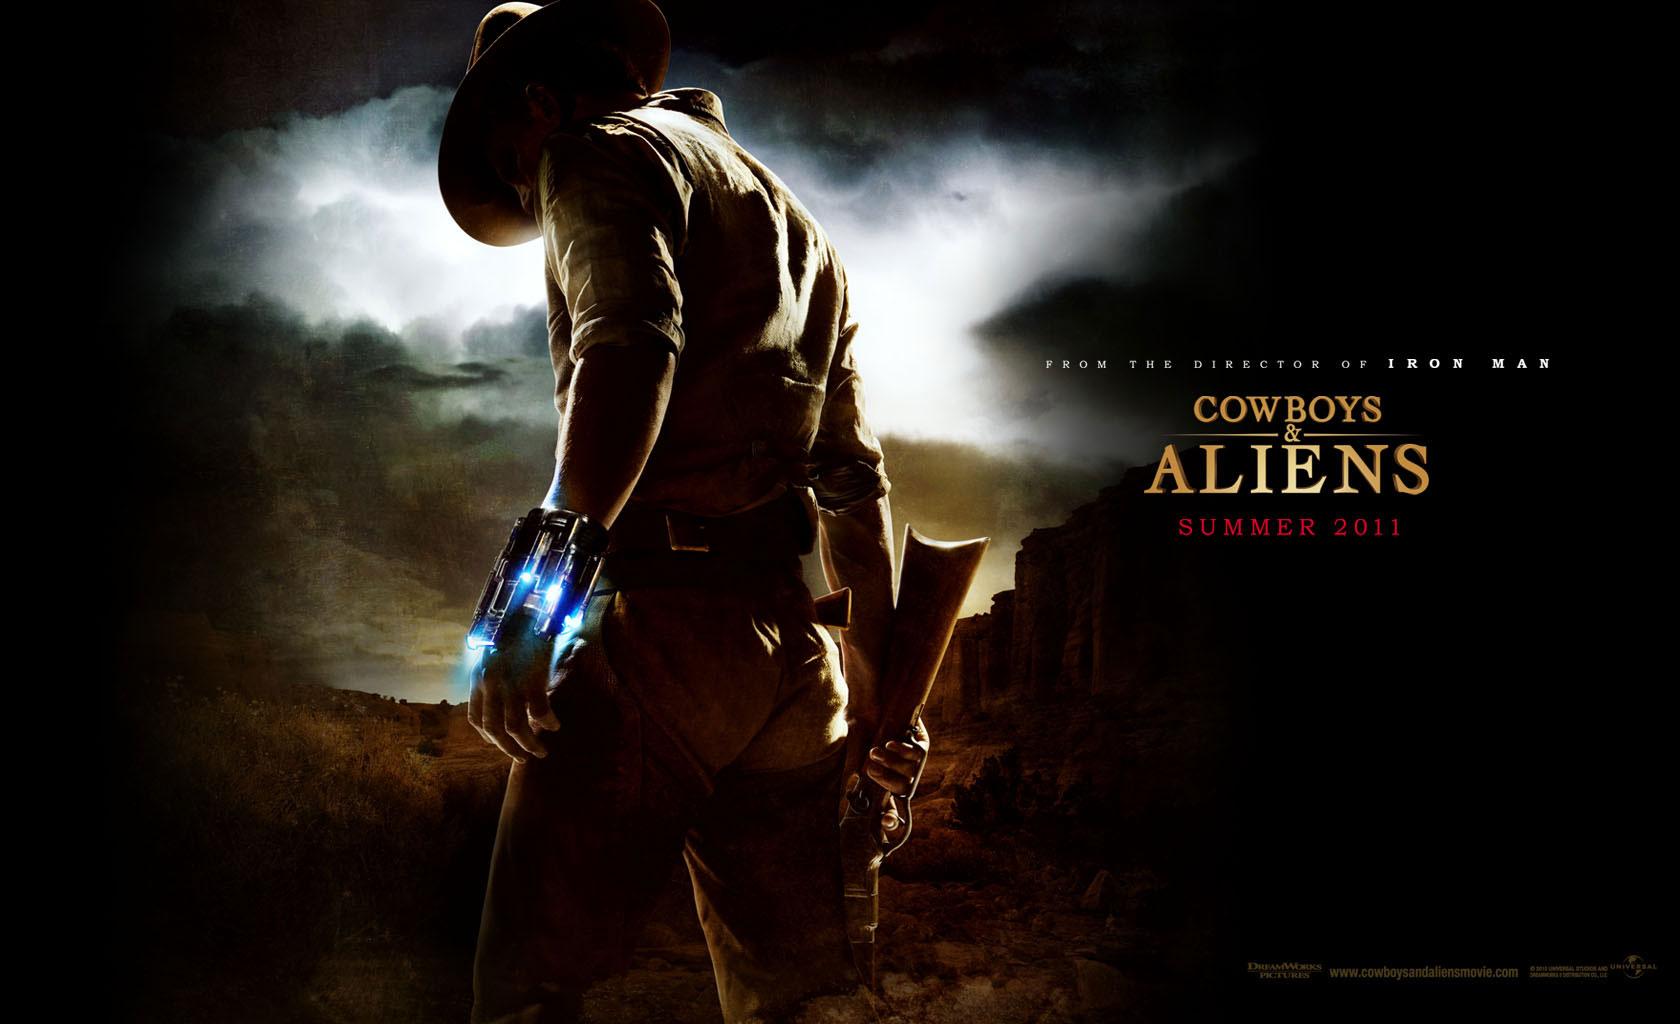 скачать фильм-ковбои против пришельцев бесплатно